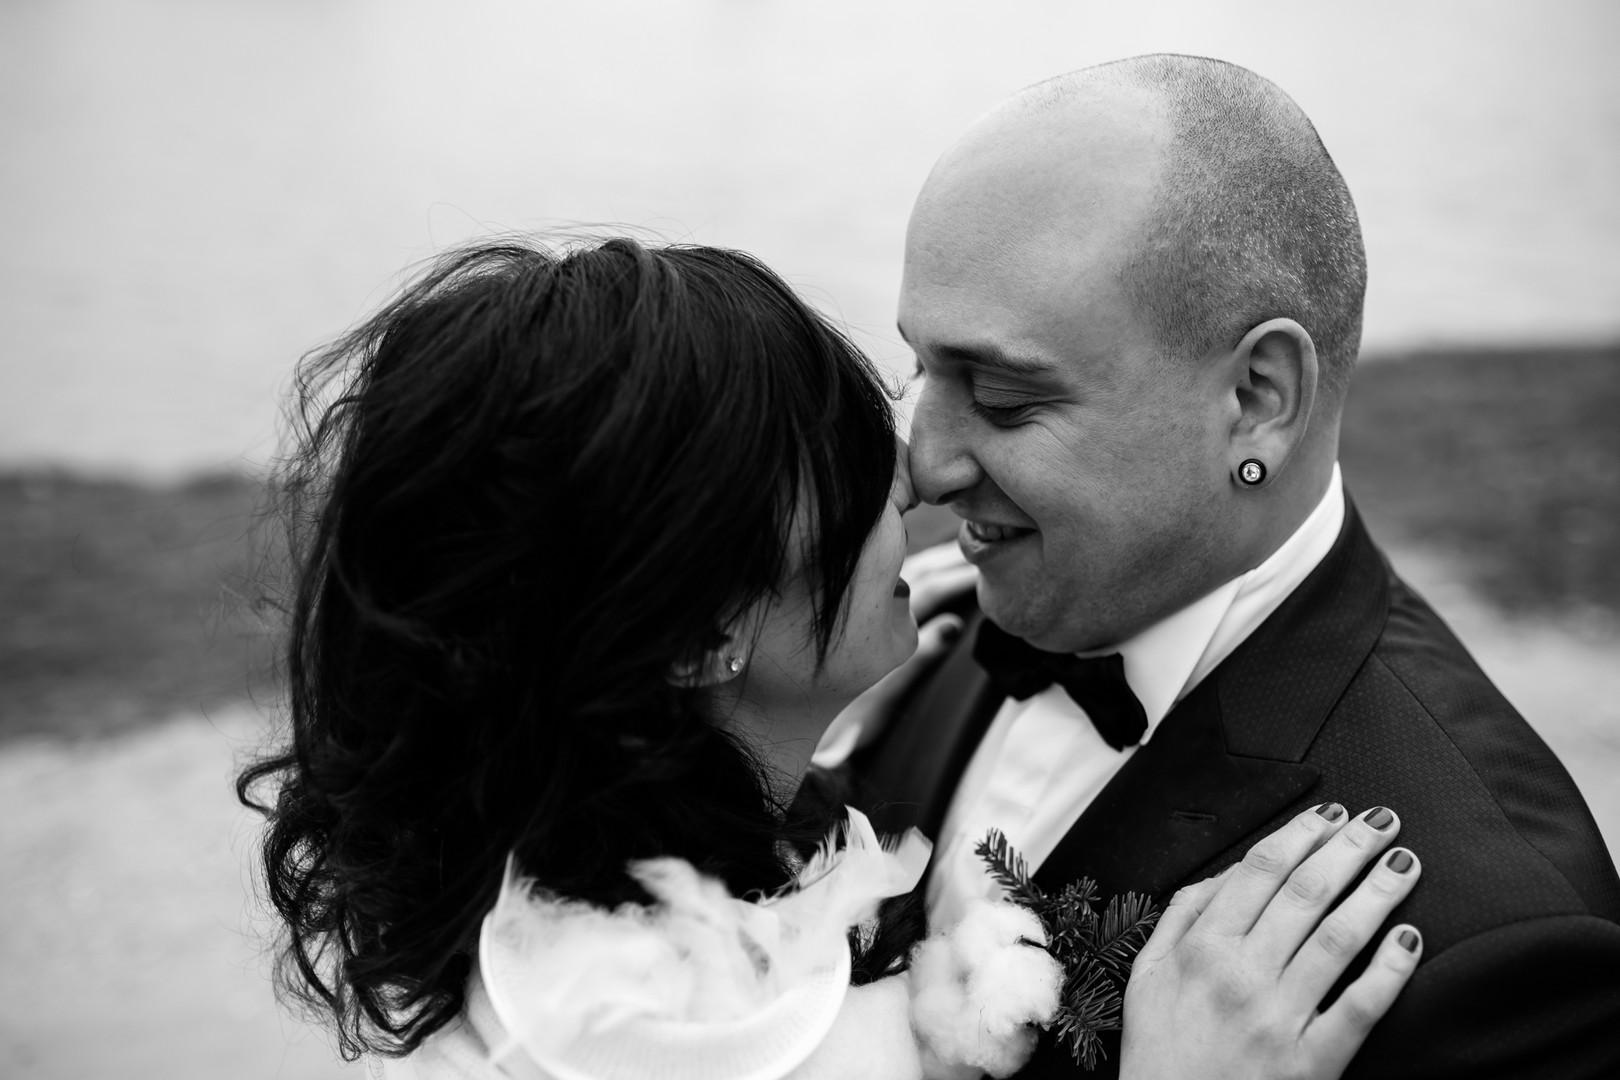 Alessandra e Francesco - Bassa risoluzio